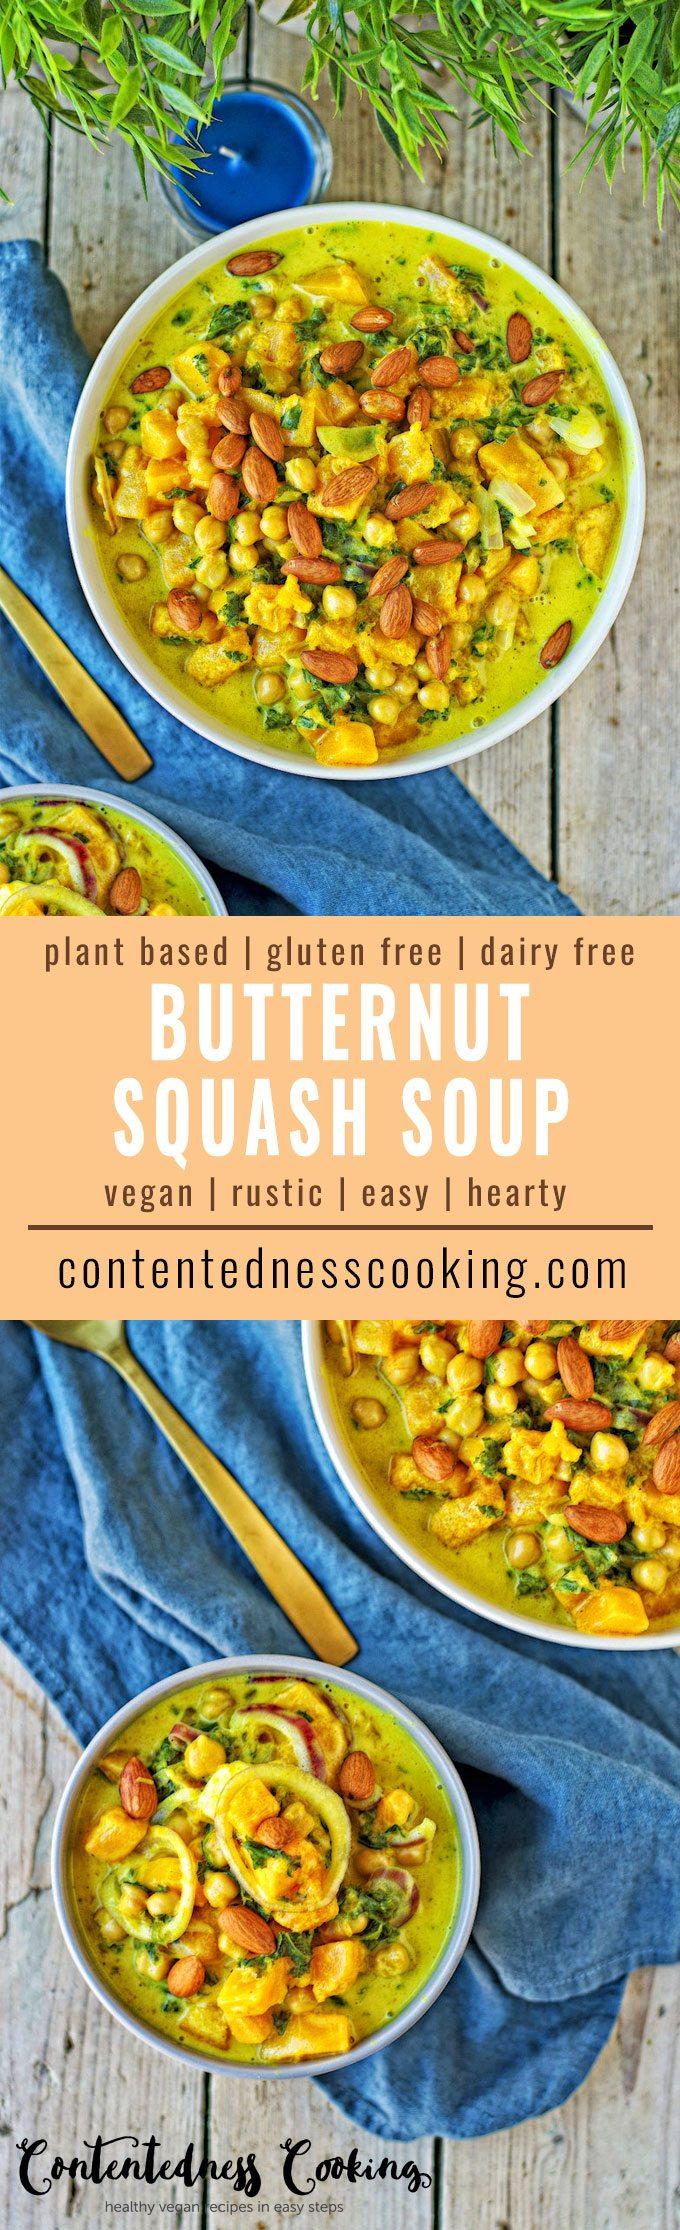 Butternut Squash Soup | #vegan #glutenfree #contentednesscooking #plantbased #dairyfree